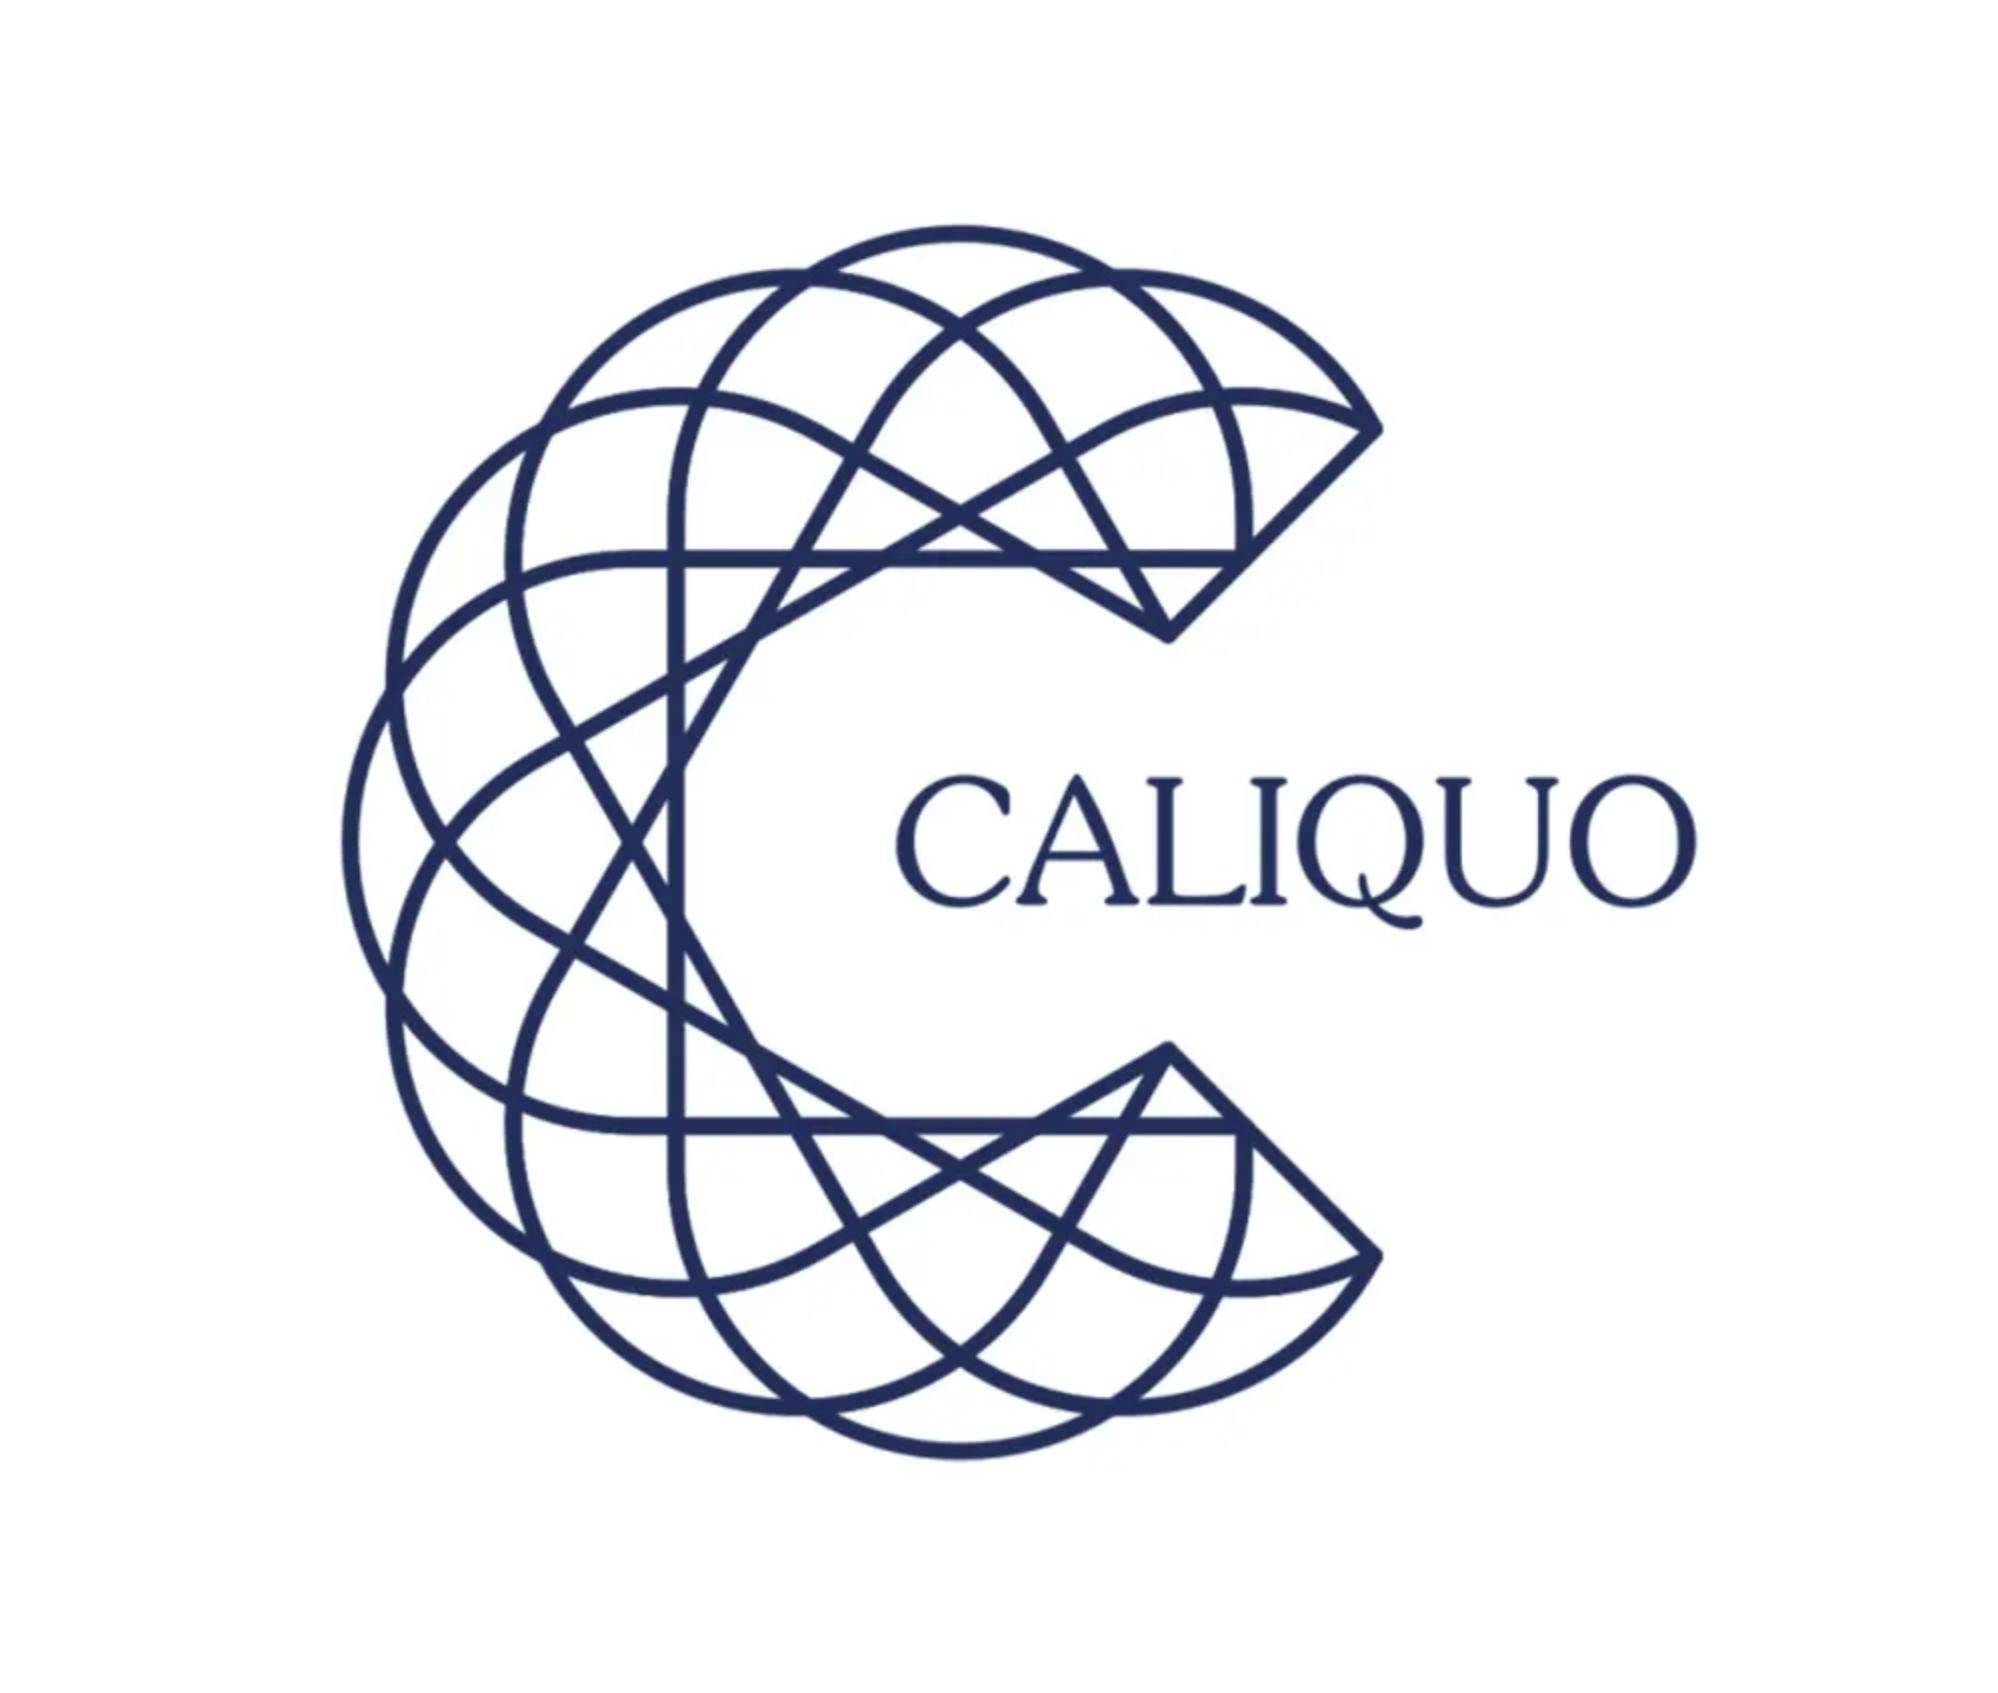 Logo Caliquo - Brosse à dent écologique - code promo écoresponsable